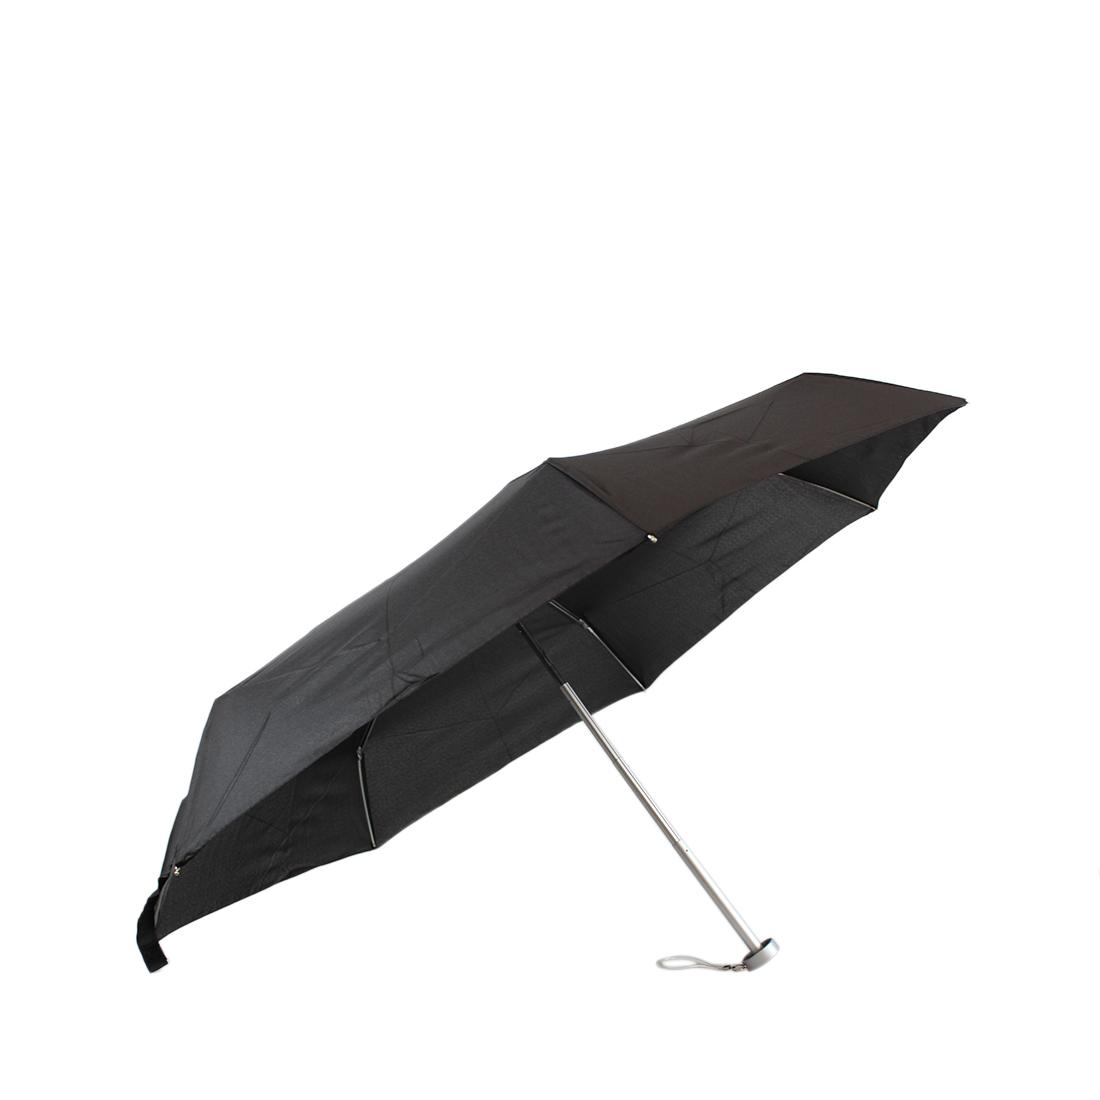 Super small plain umbrella